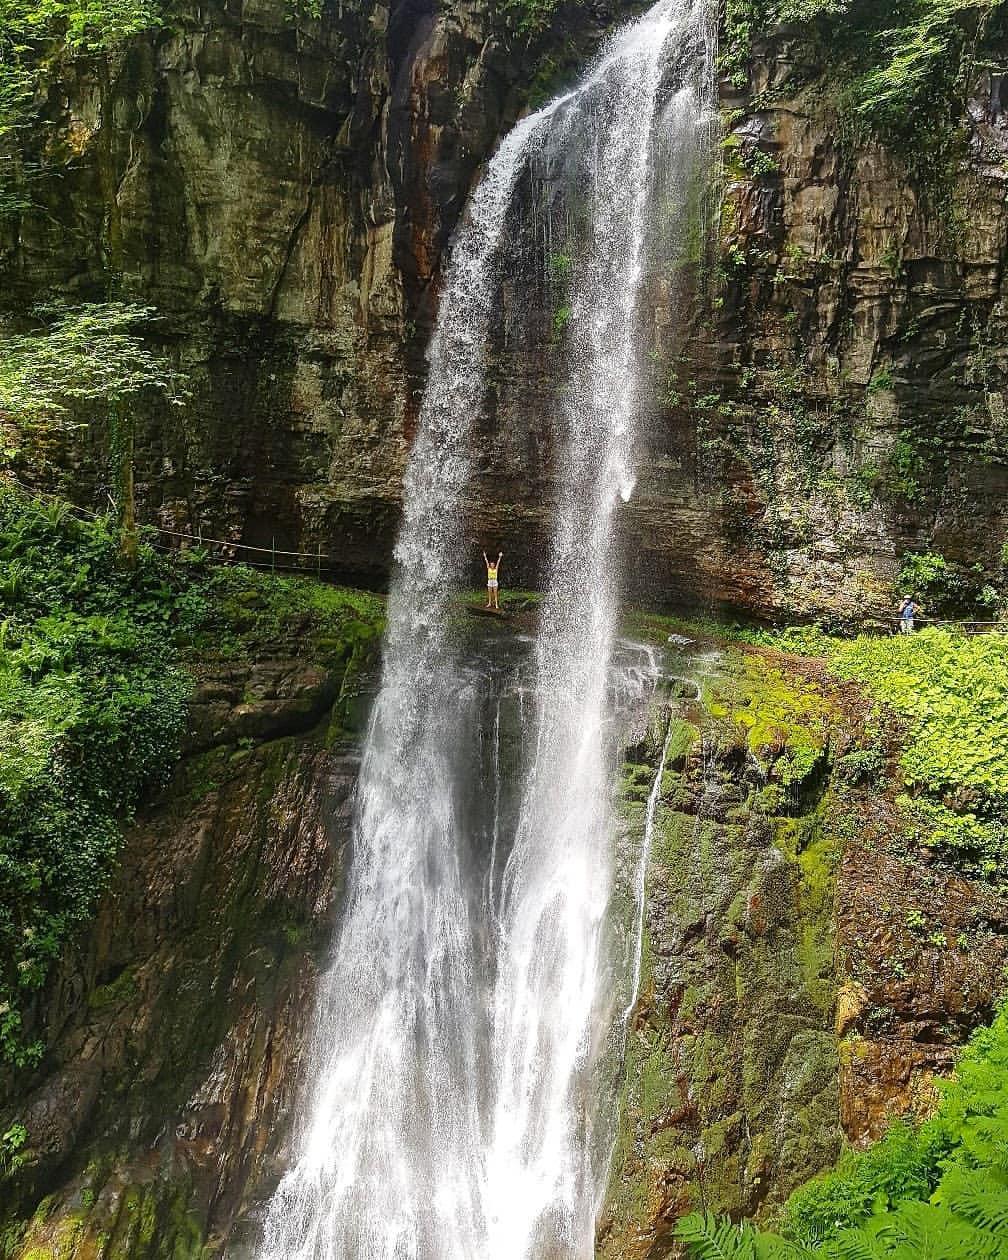 Водопад Великан - один из трех водопадов близ Акармары